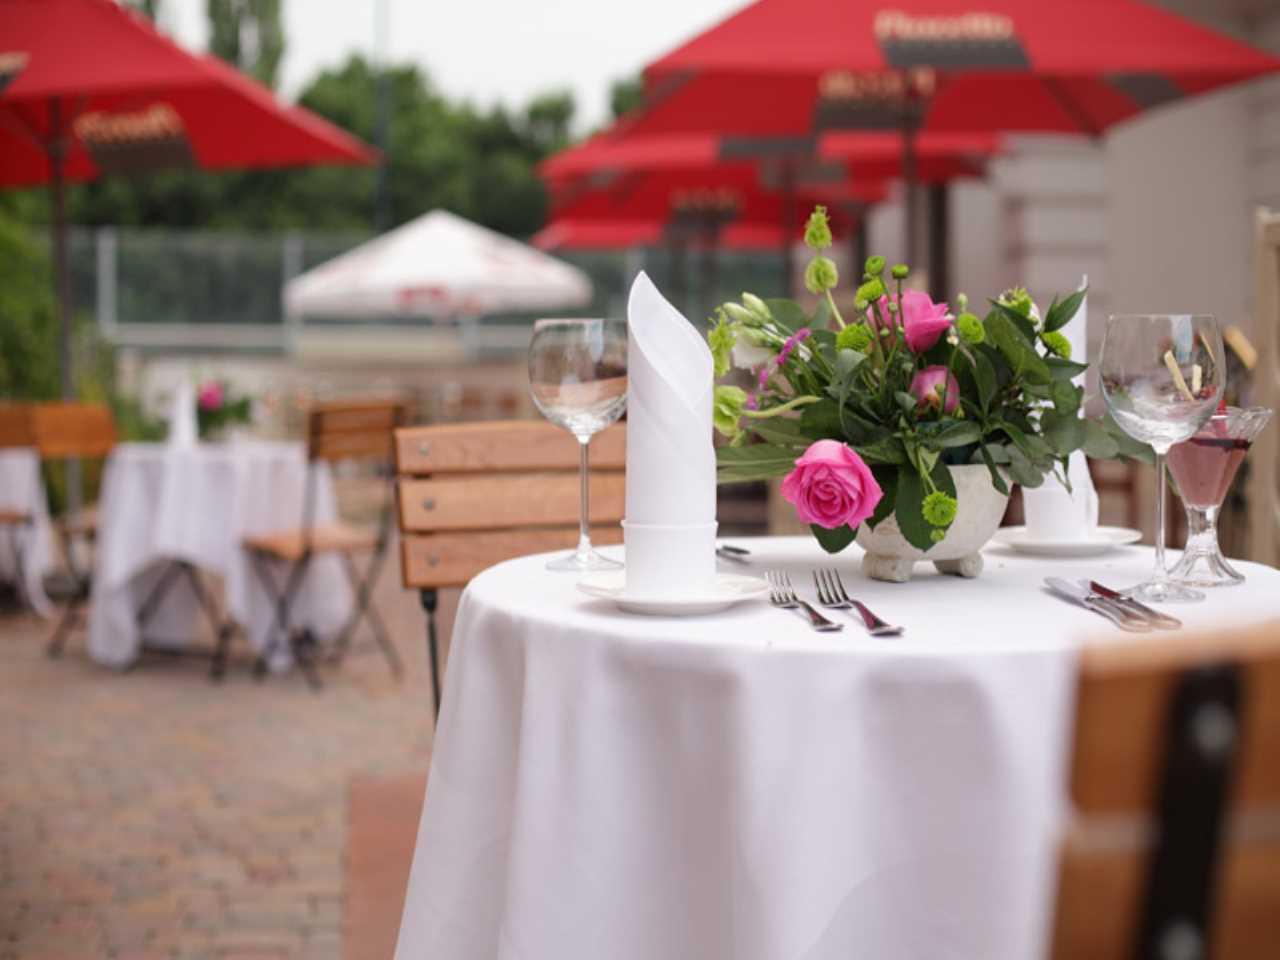 Hotel Kościuszko - Restauracja - Restauracja Dwór Kościuszko